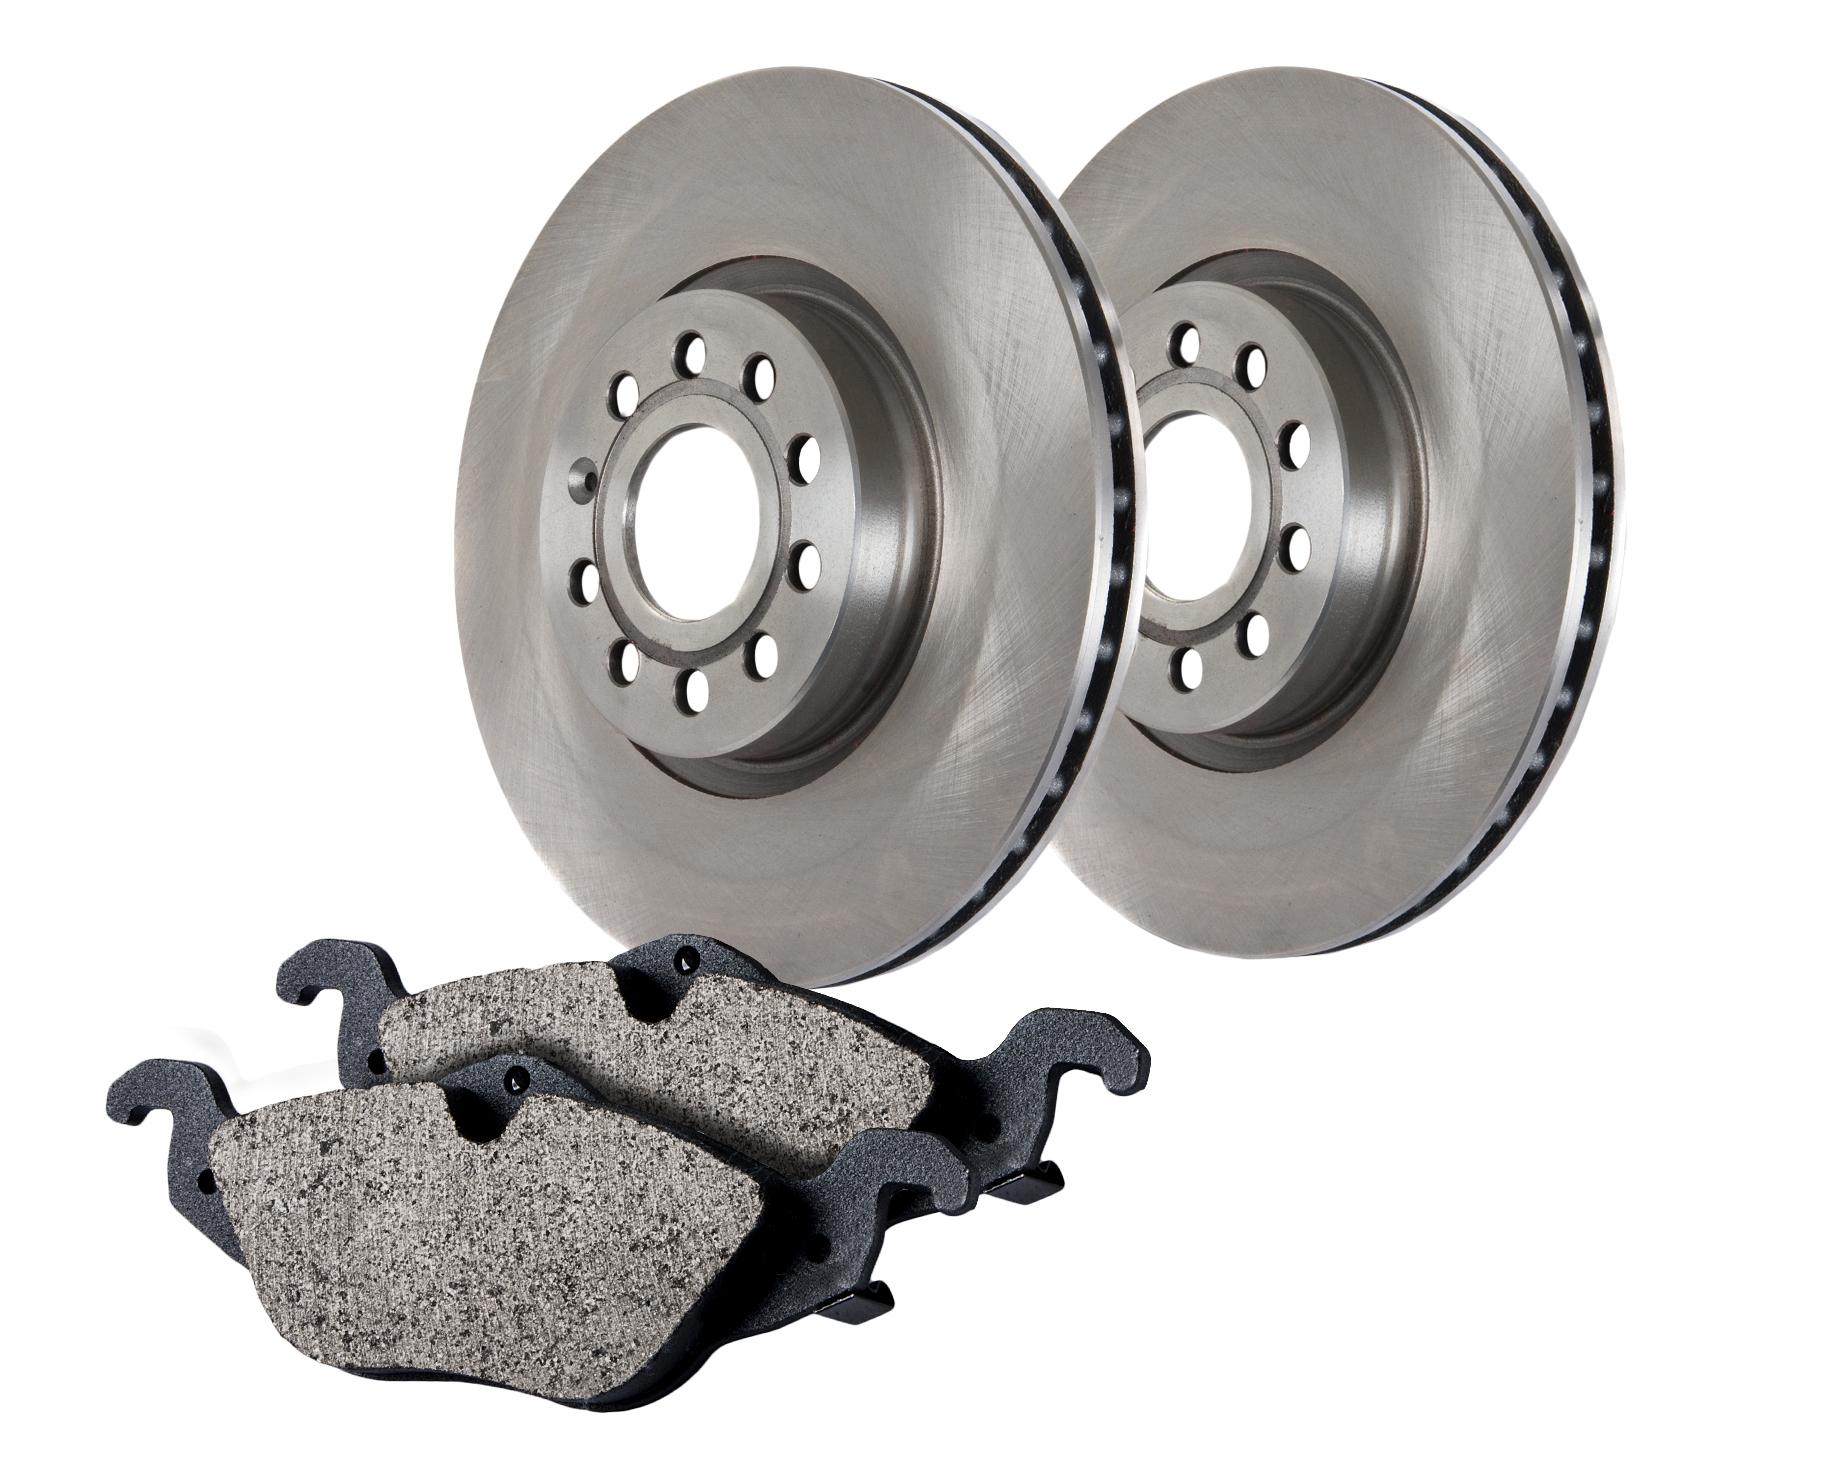 Centric Brake Parts 905.44057 Brake Rotor and Pad Kit, Premium, Semi-Metallic Pads, Iron, Natural, Lexus / Toyota, Kit